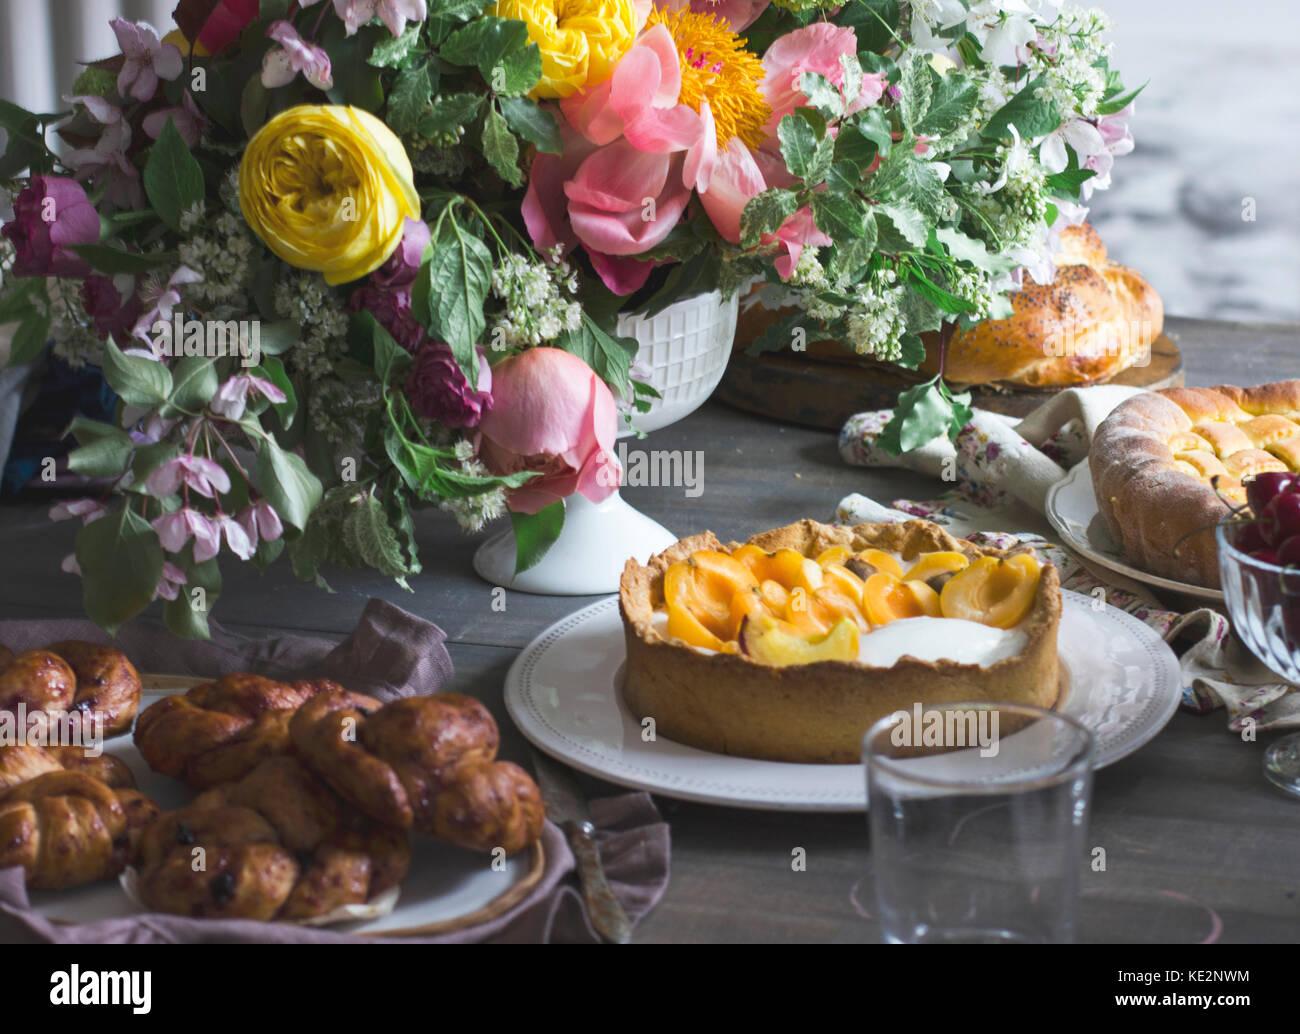 Table de fête avec de gros bouquet, des gâteaux faits maison et des scones Photo Stock